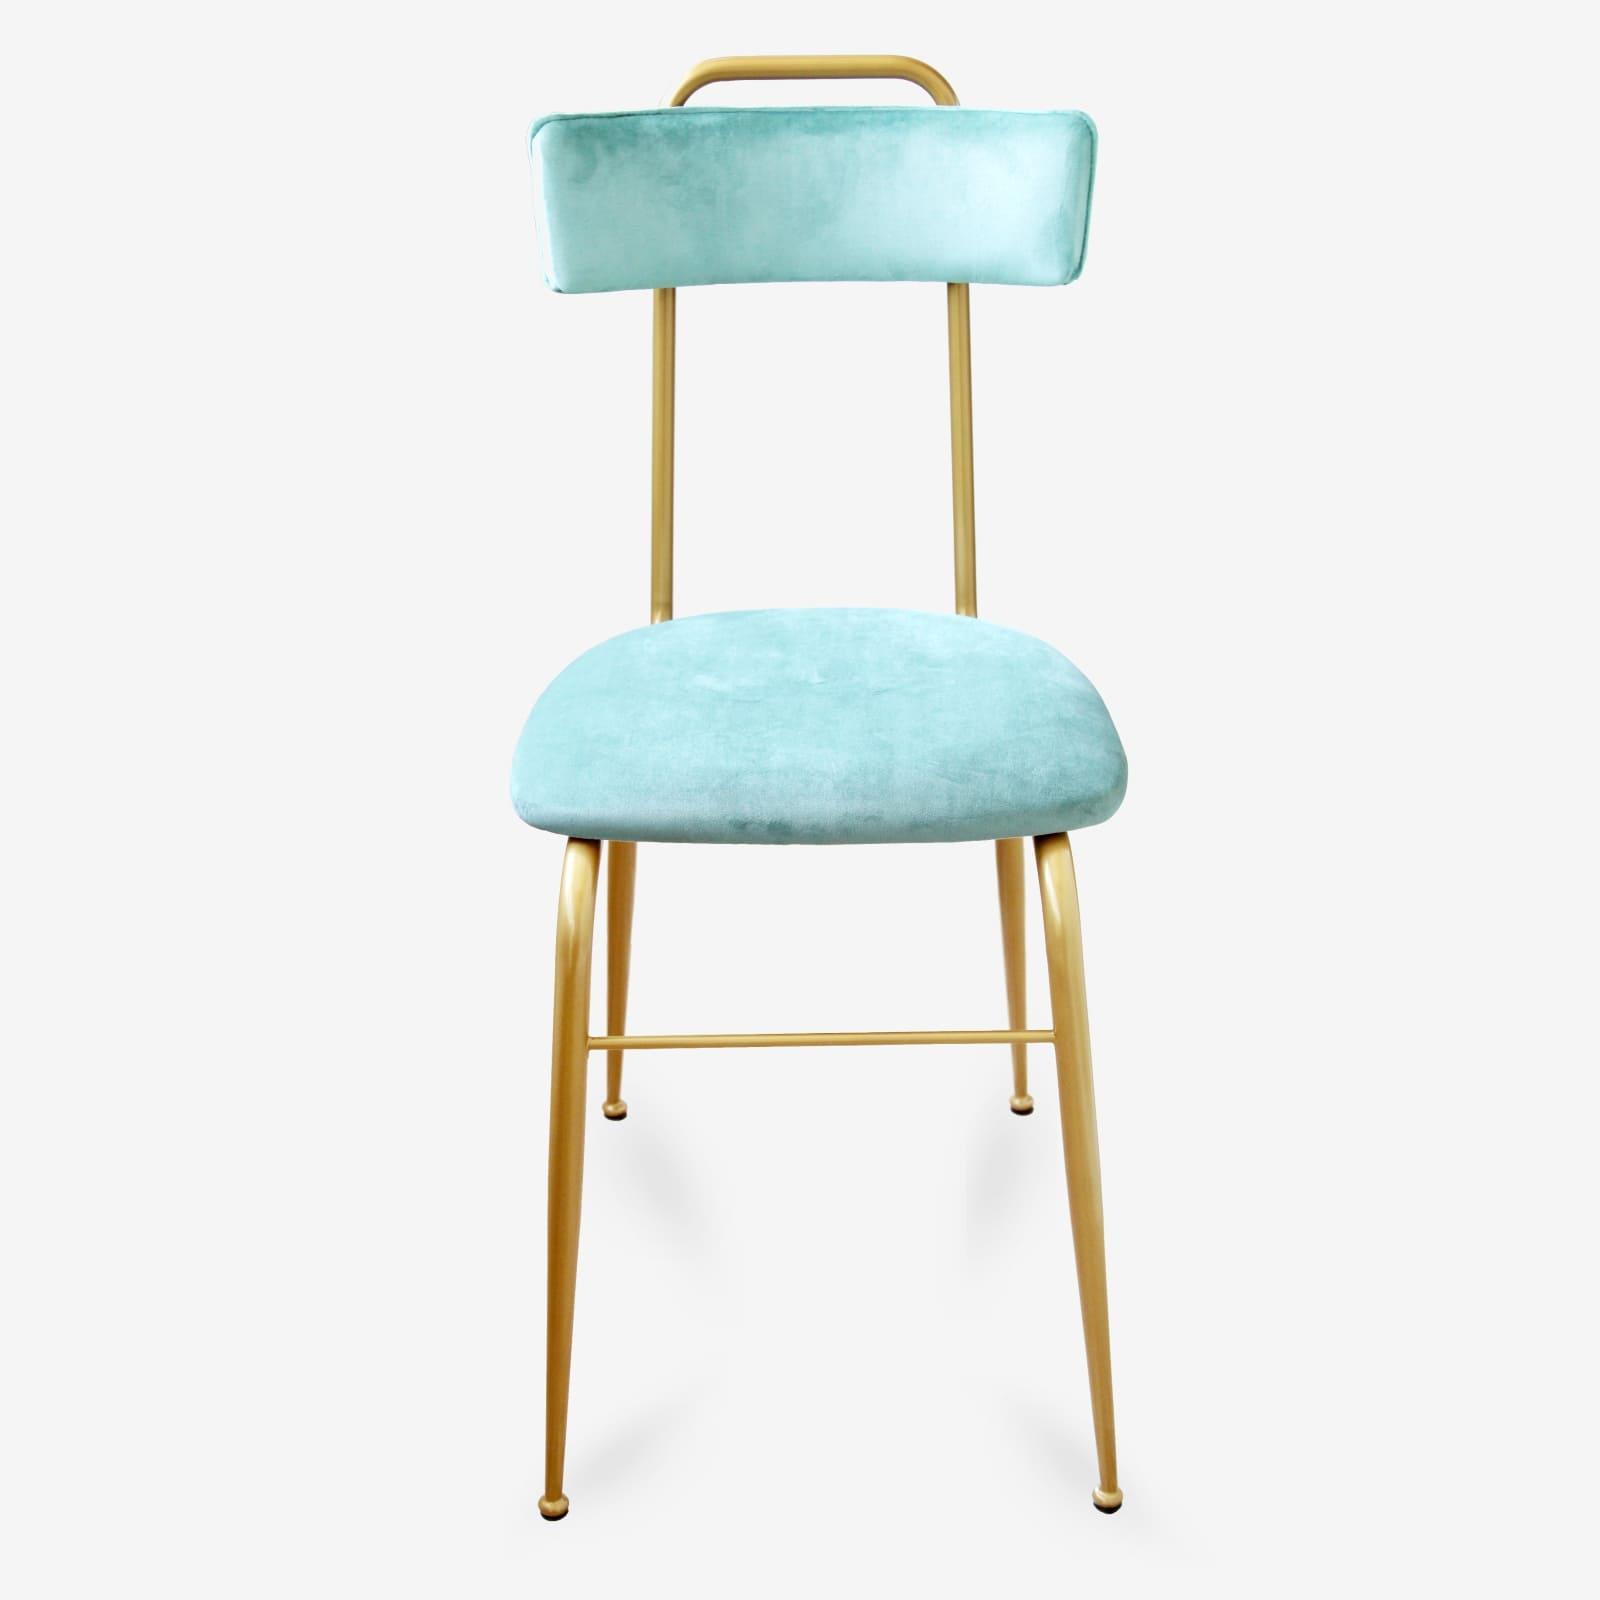 Sedia in Velluto turchese stile Vintage con gambe in Metallo oro liscio –  CLOE